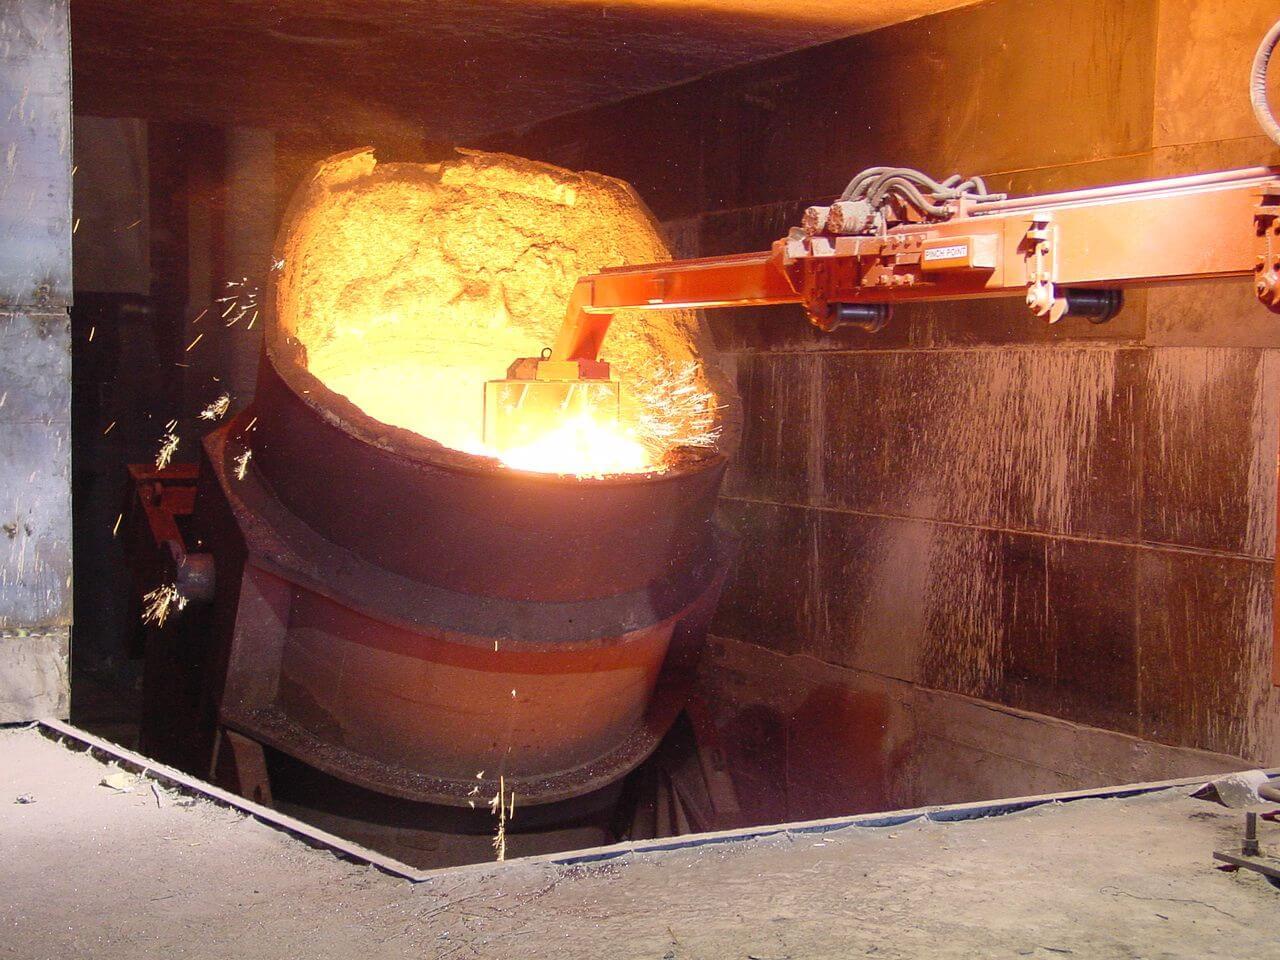 Hindistan Demir-Çelik Ürünlerine İlave Gümrük Vergisi Koymaya Hazırlanıyor